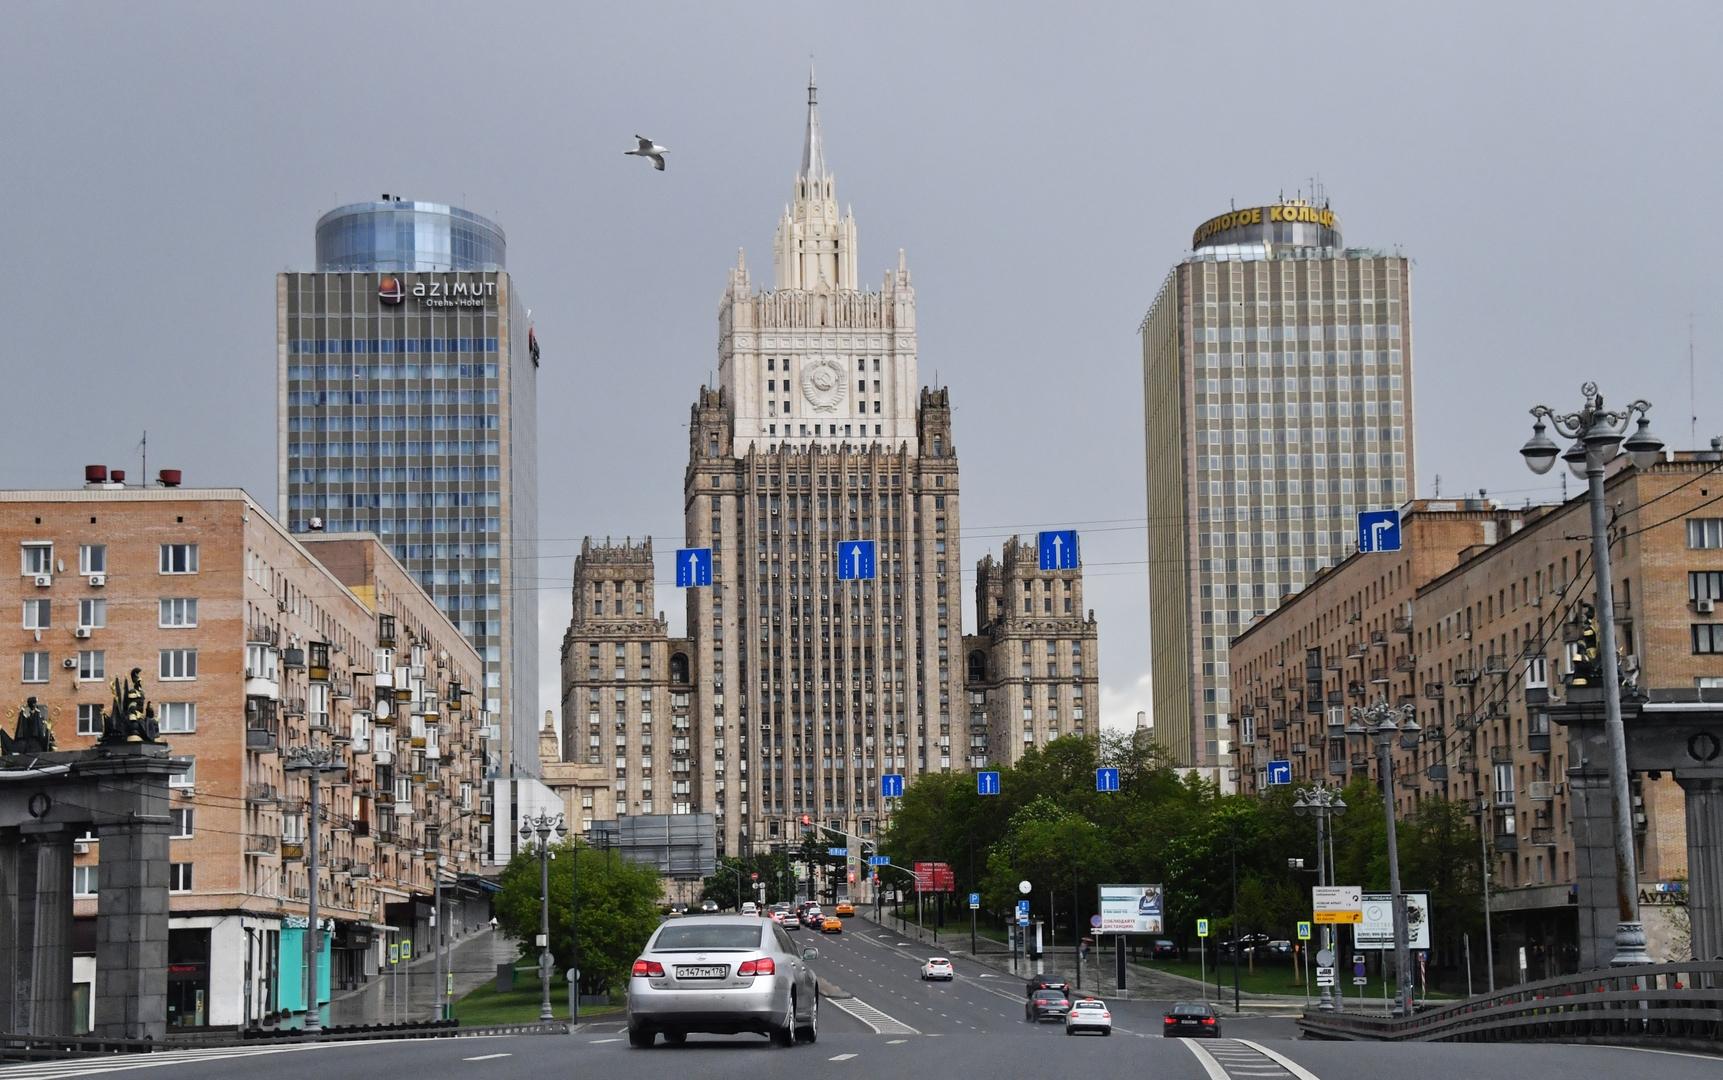 موسكو: لا يجب القفز إلى استنتاجات مستعجلة بشأن حادثة منشأة نطنز النووية الإيرانية